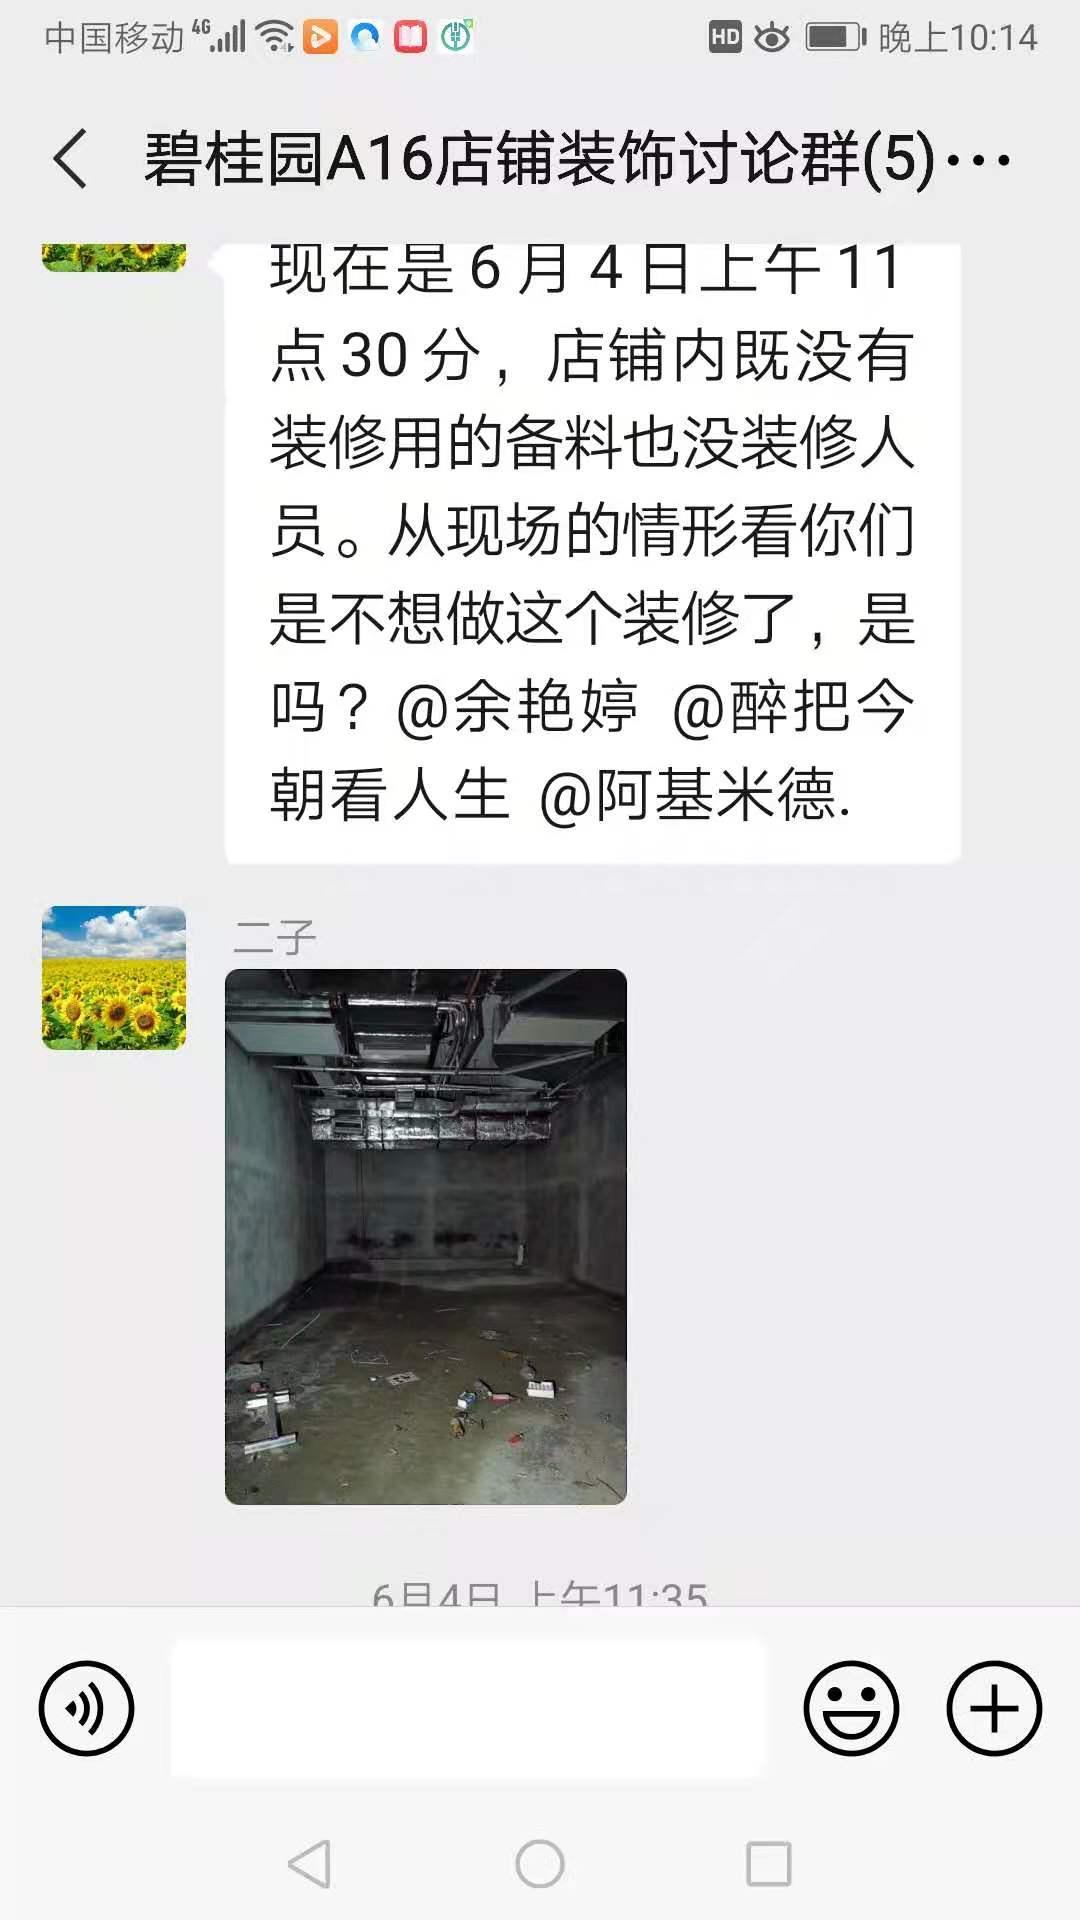 深圳市京华装饰有限公司无资质承接装修业务违约后既不退还装修首期款又